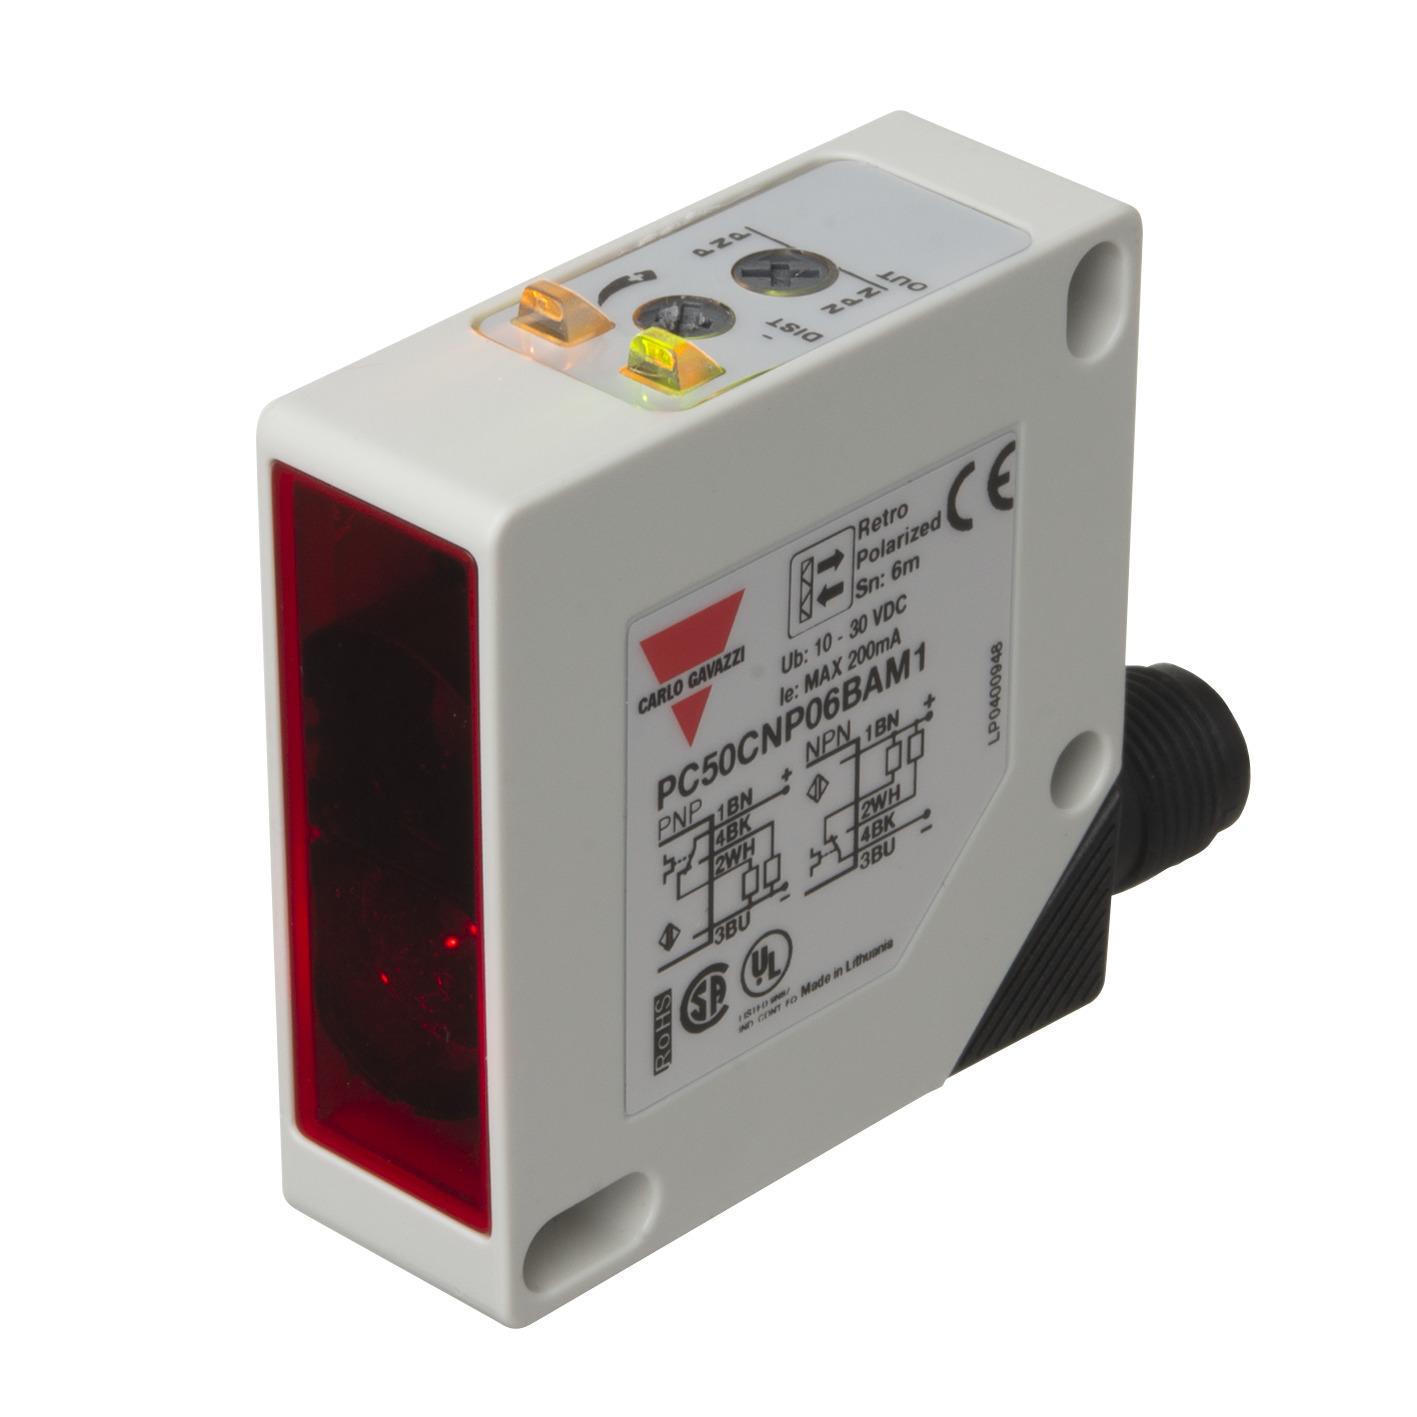 FOTOCELLER PC50 PC50CNP06BAM1